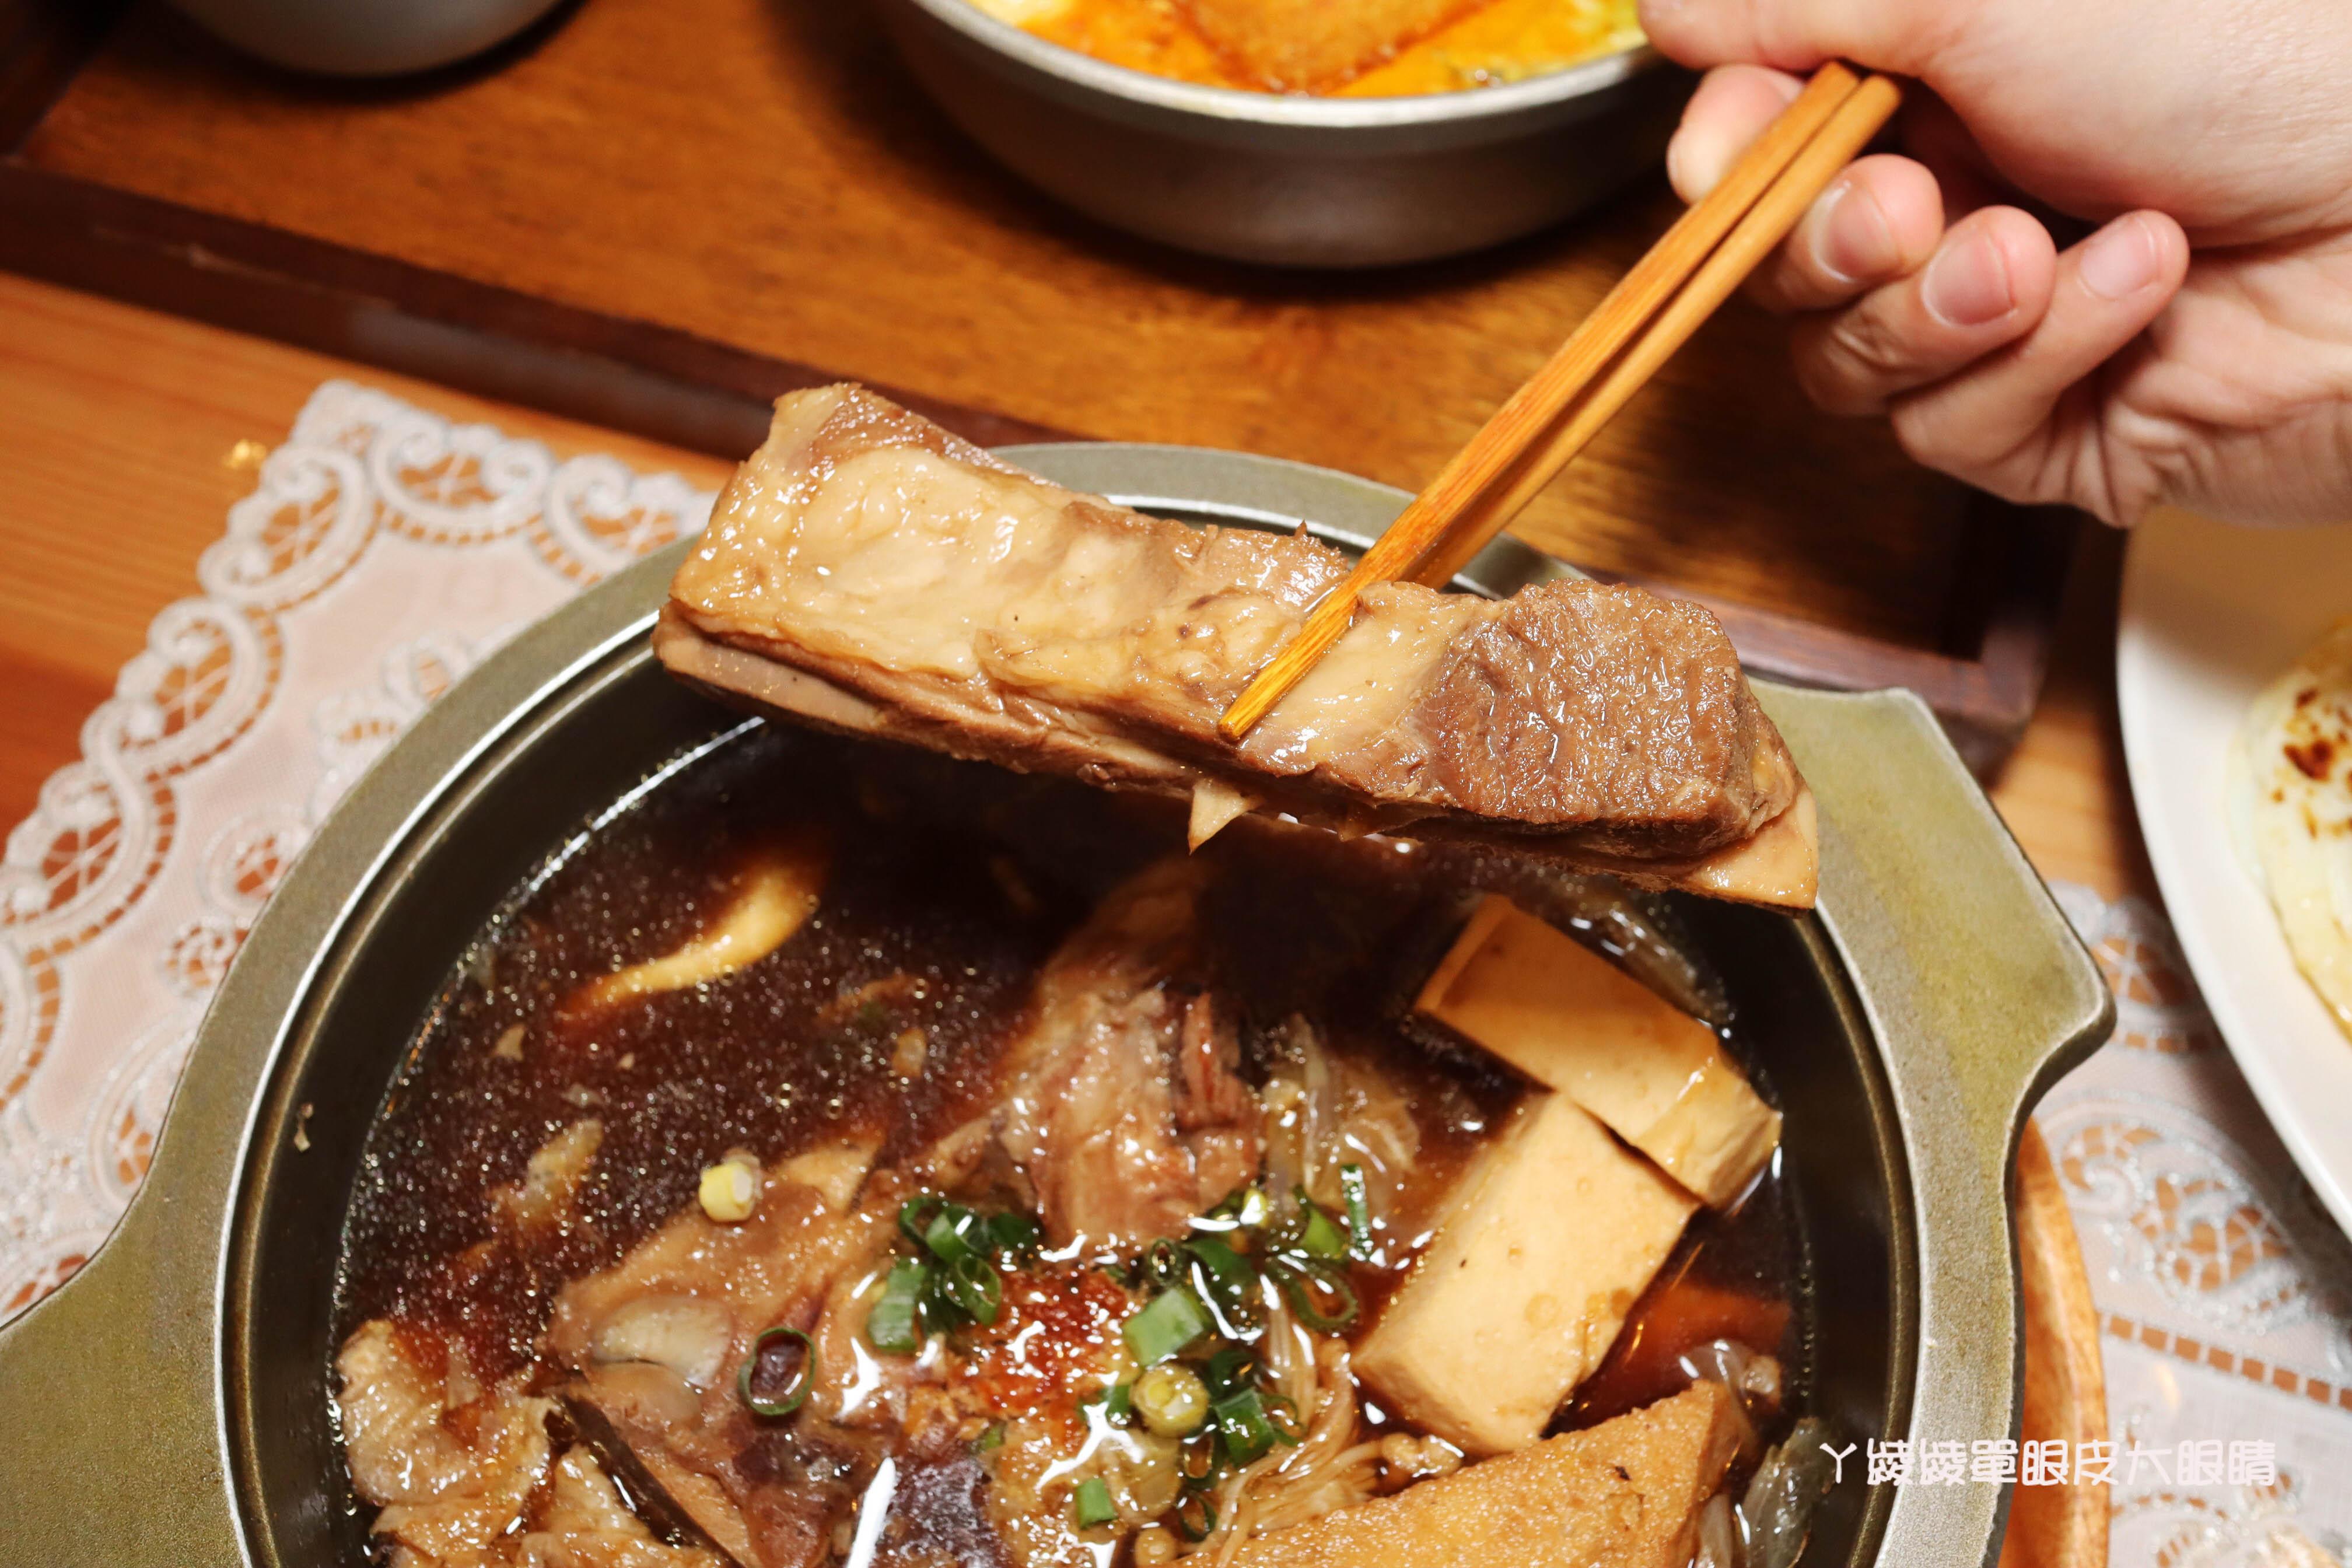 新竹美食推薦艷麗南洋料理!新竹香山美食在這裡,絕對秒殺的道地娘惹糕、南洋拉撒鍋、獅城肉骨茶